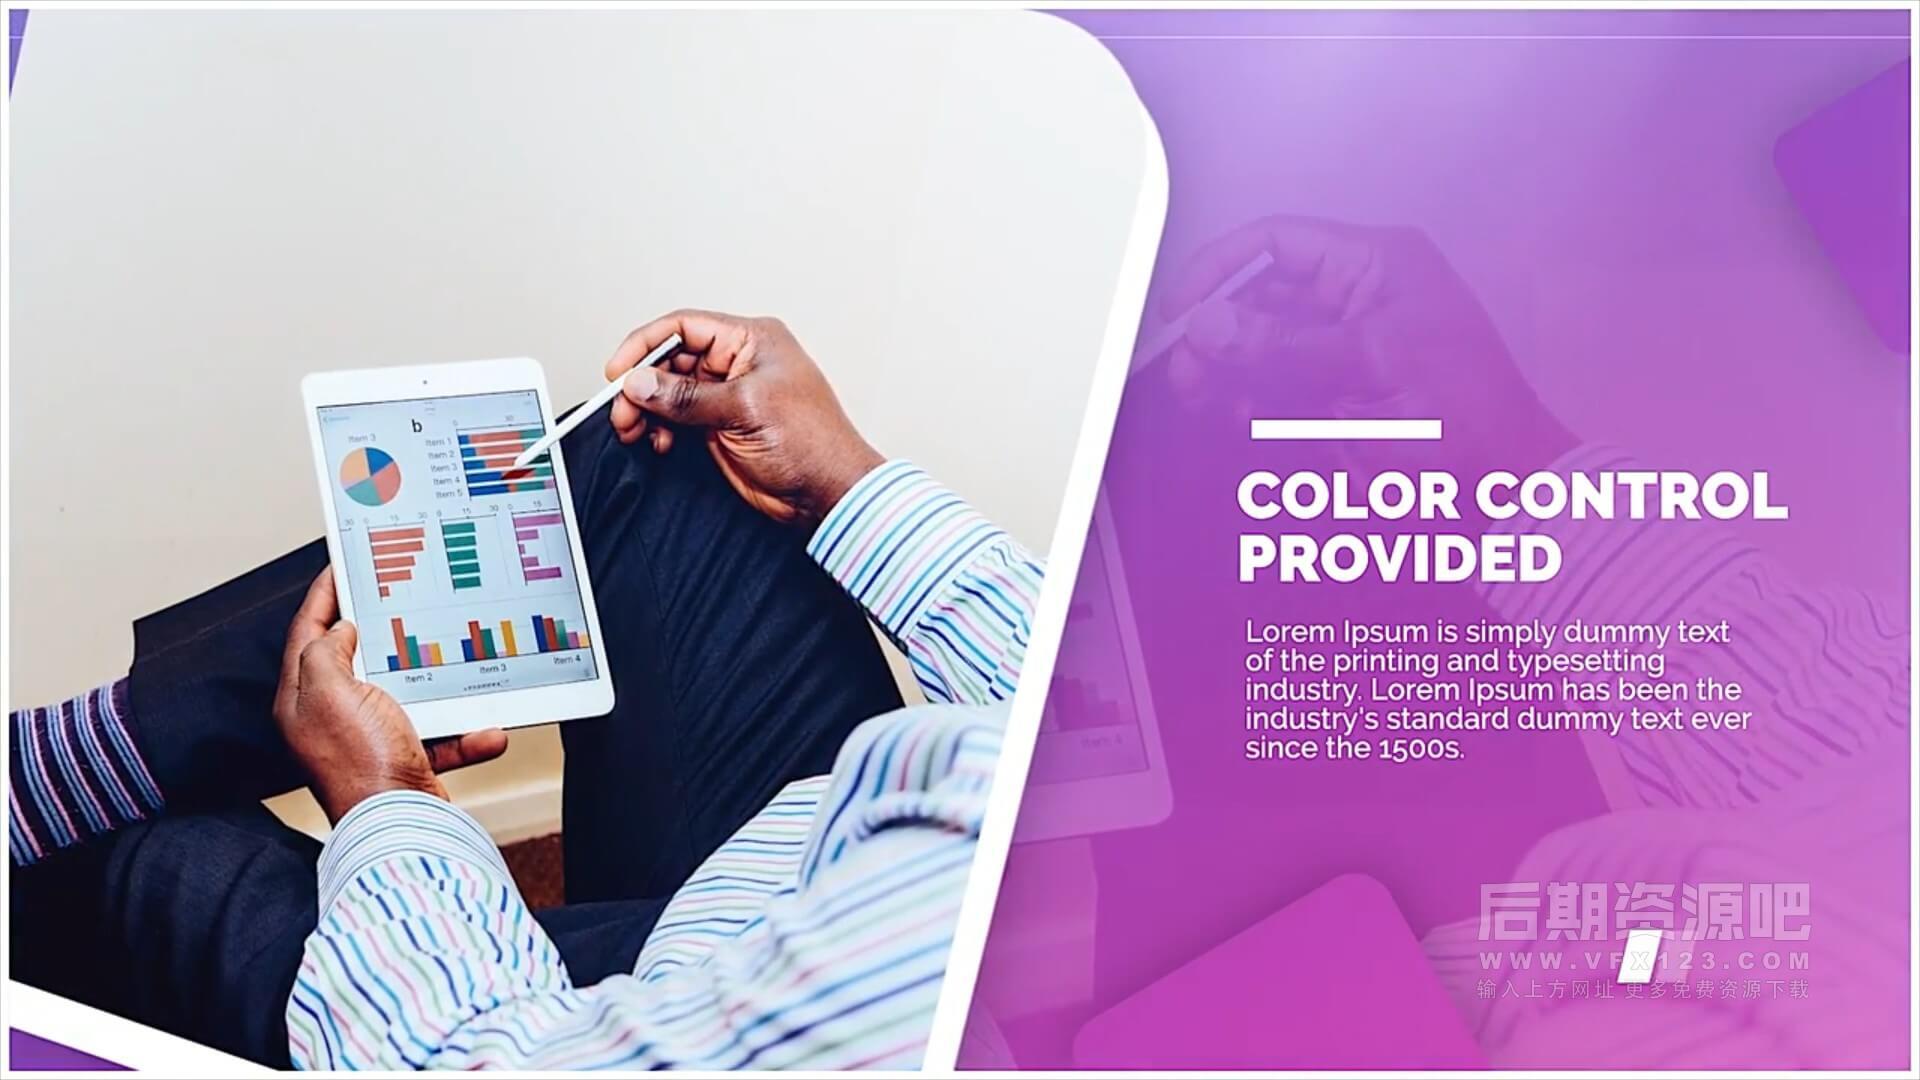 Fcpx主题模板 优雅流行商务公司展示宣传片模板 Corporate Trend